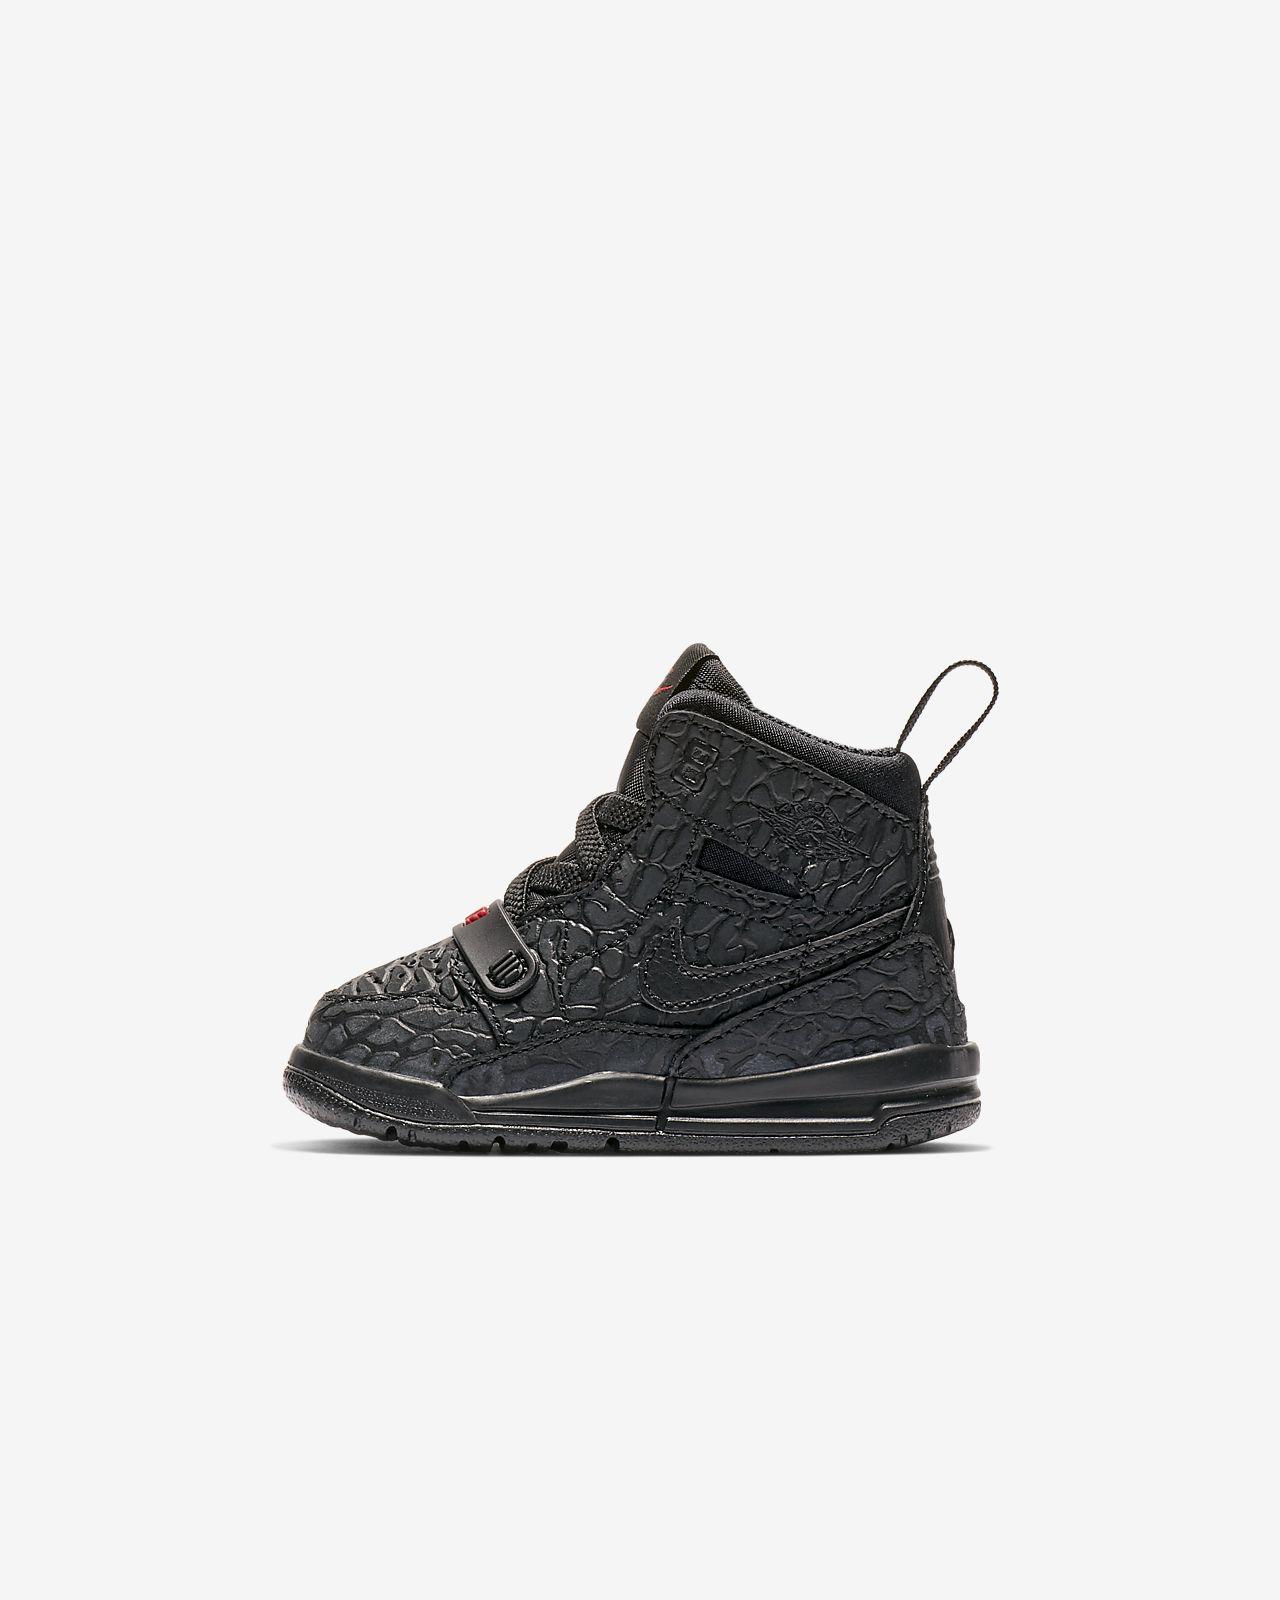 Buty dla niemowląt/maluchów Air Jordan Legacy 312